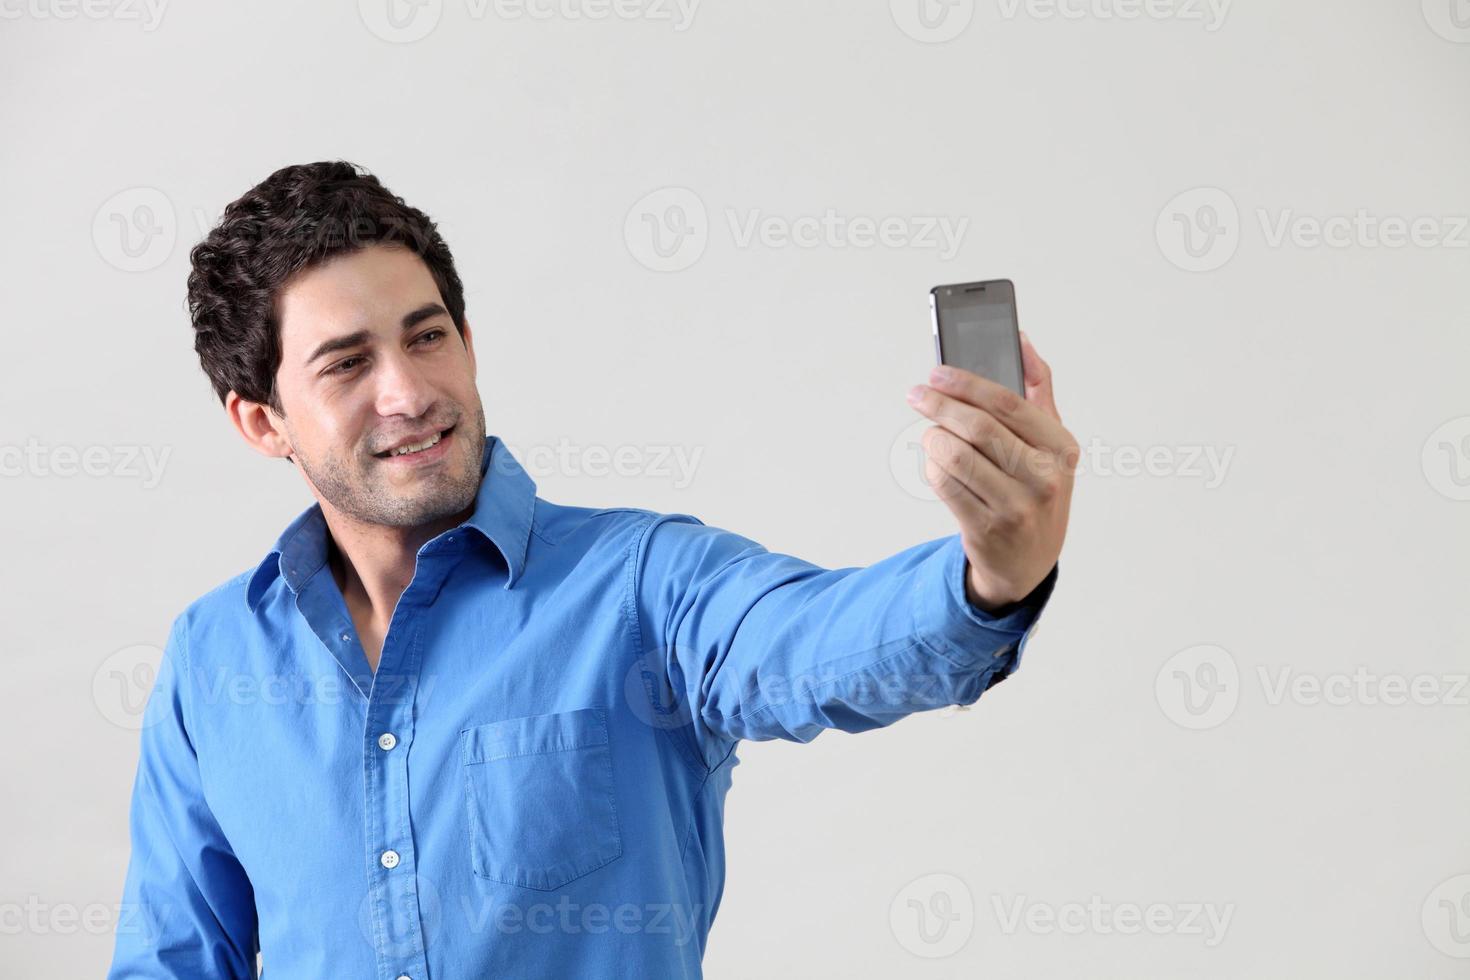 Auto retrato foto